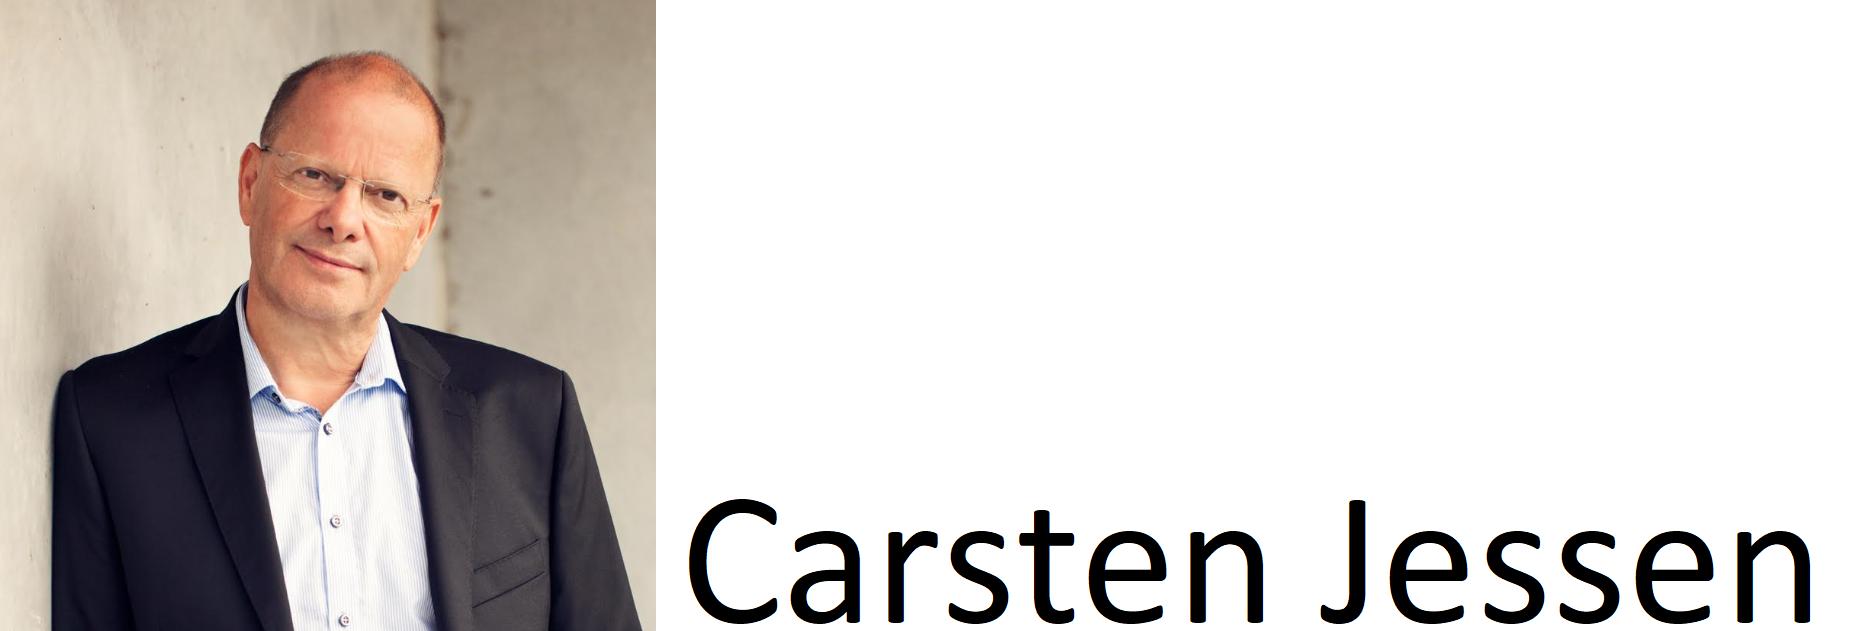 Carsten Jessen